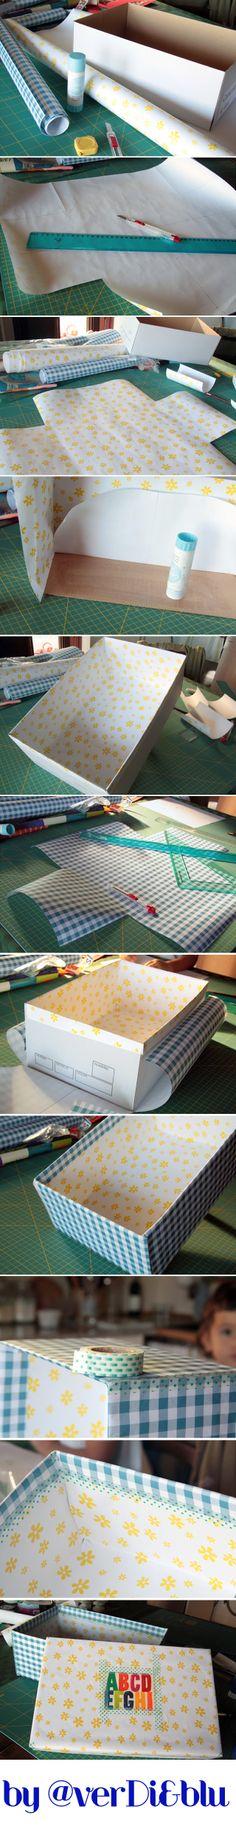 rivestire una scatola di scarpe con la carta | #tutorial in italiano | #diy #carta #paper #riciclocreativo